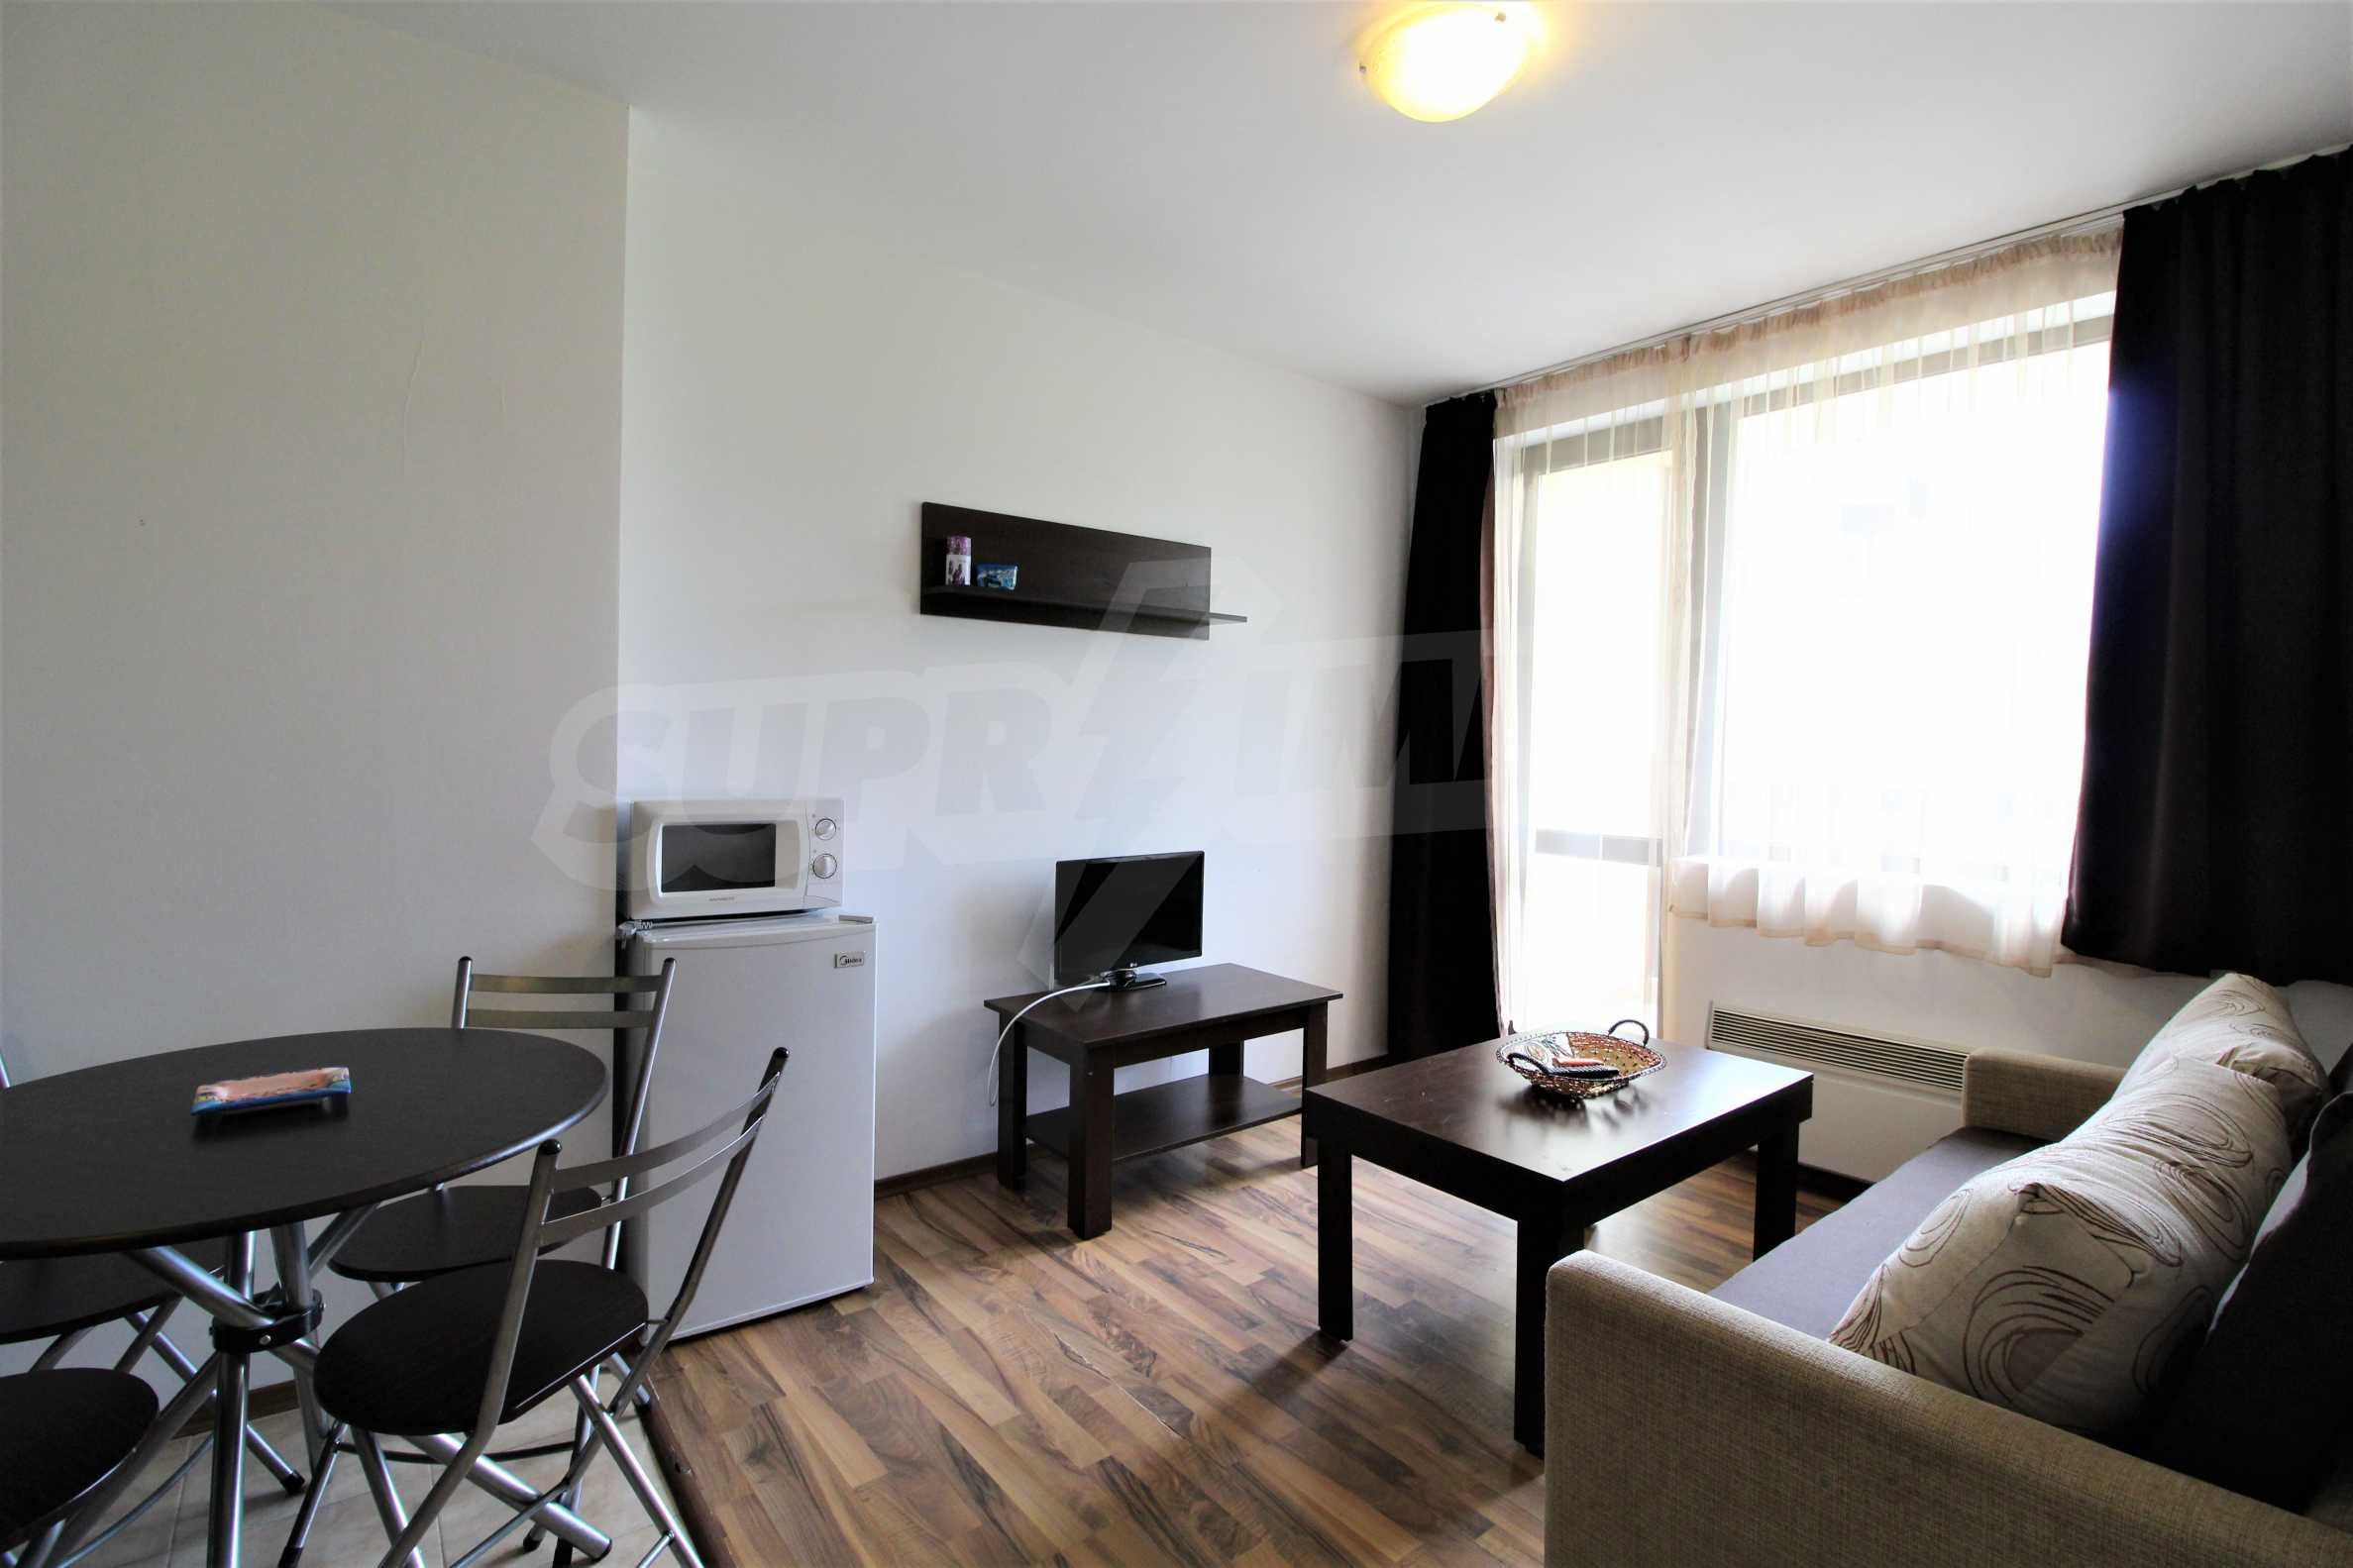 Обзаведен двустаен апартамент, разположен в СПА комплекс Мария Антоанета, само на метри от ски лифта в Банско 8